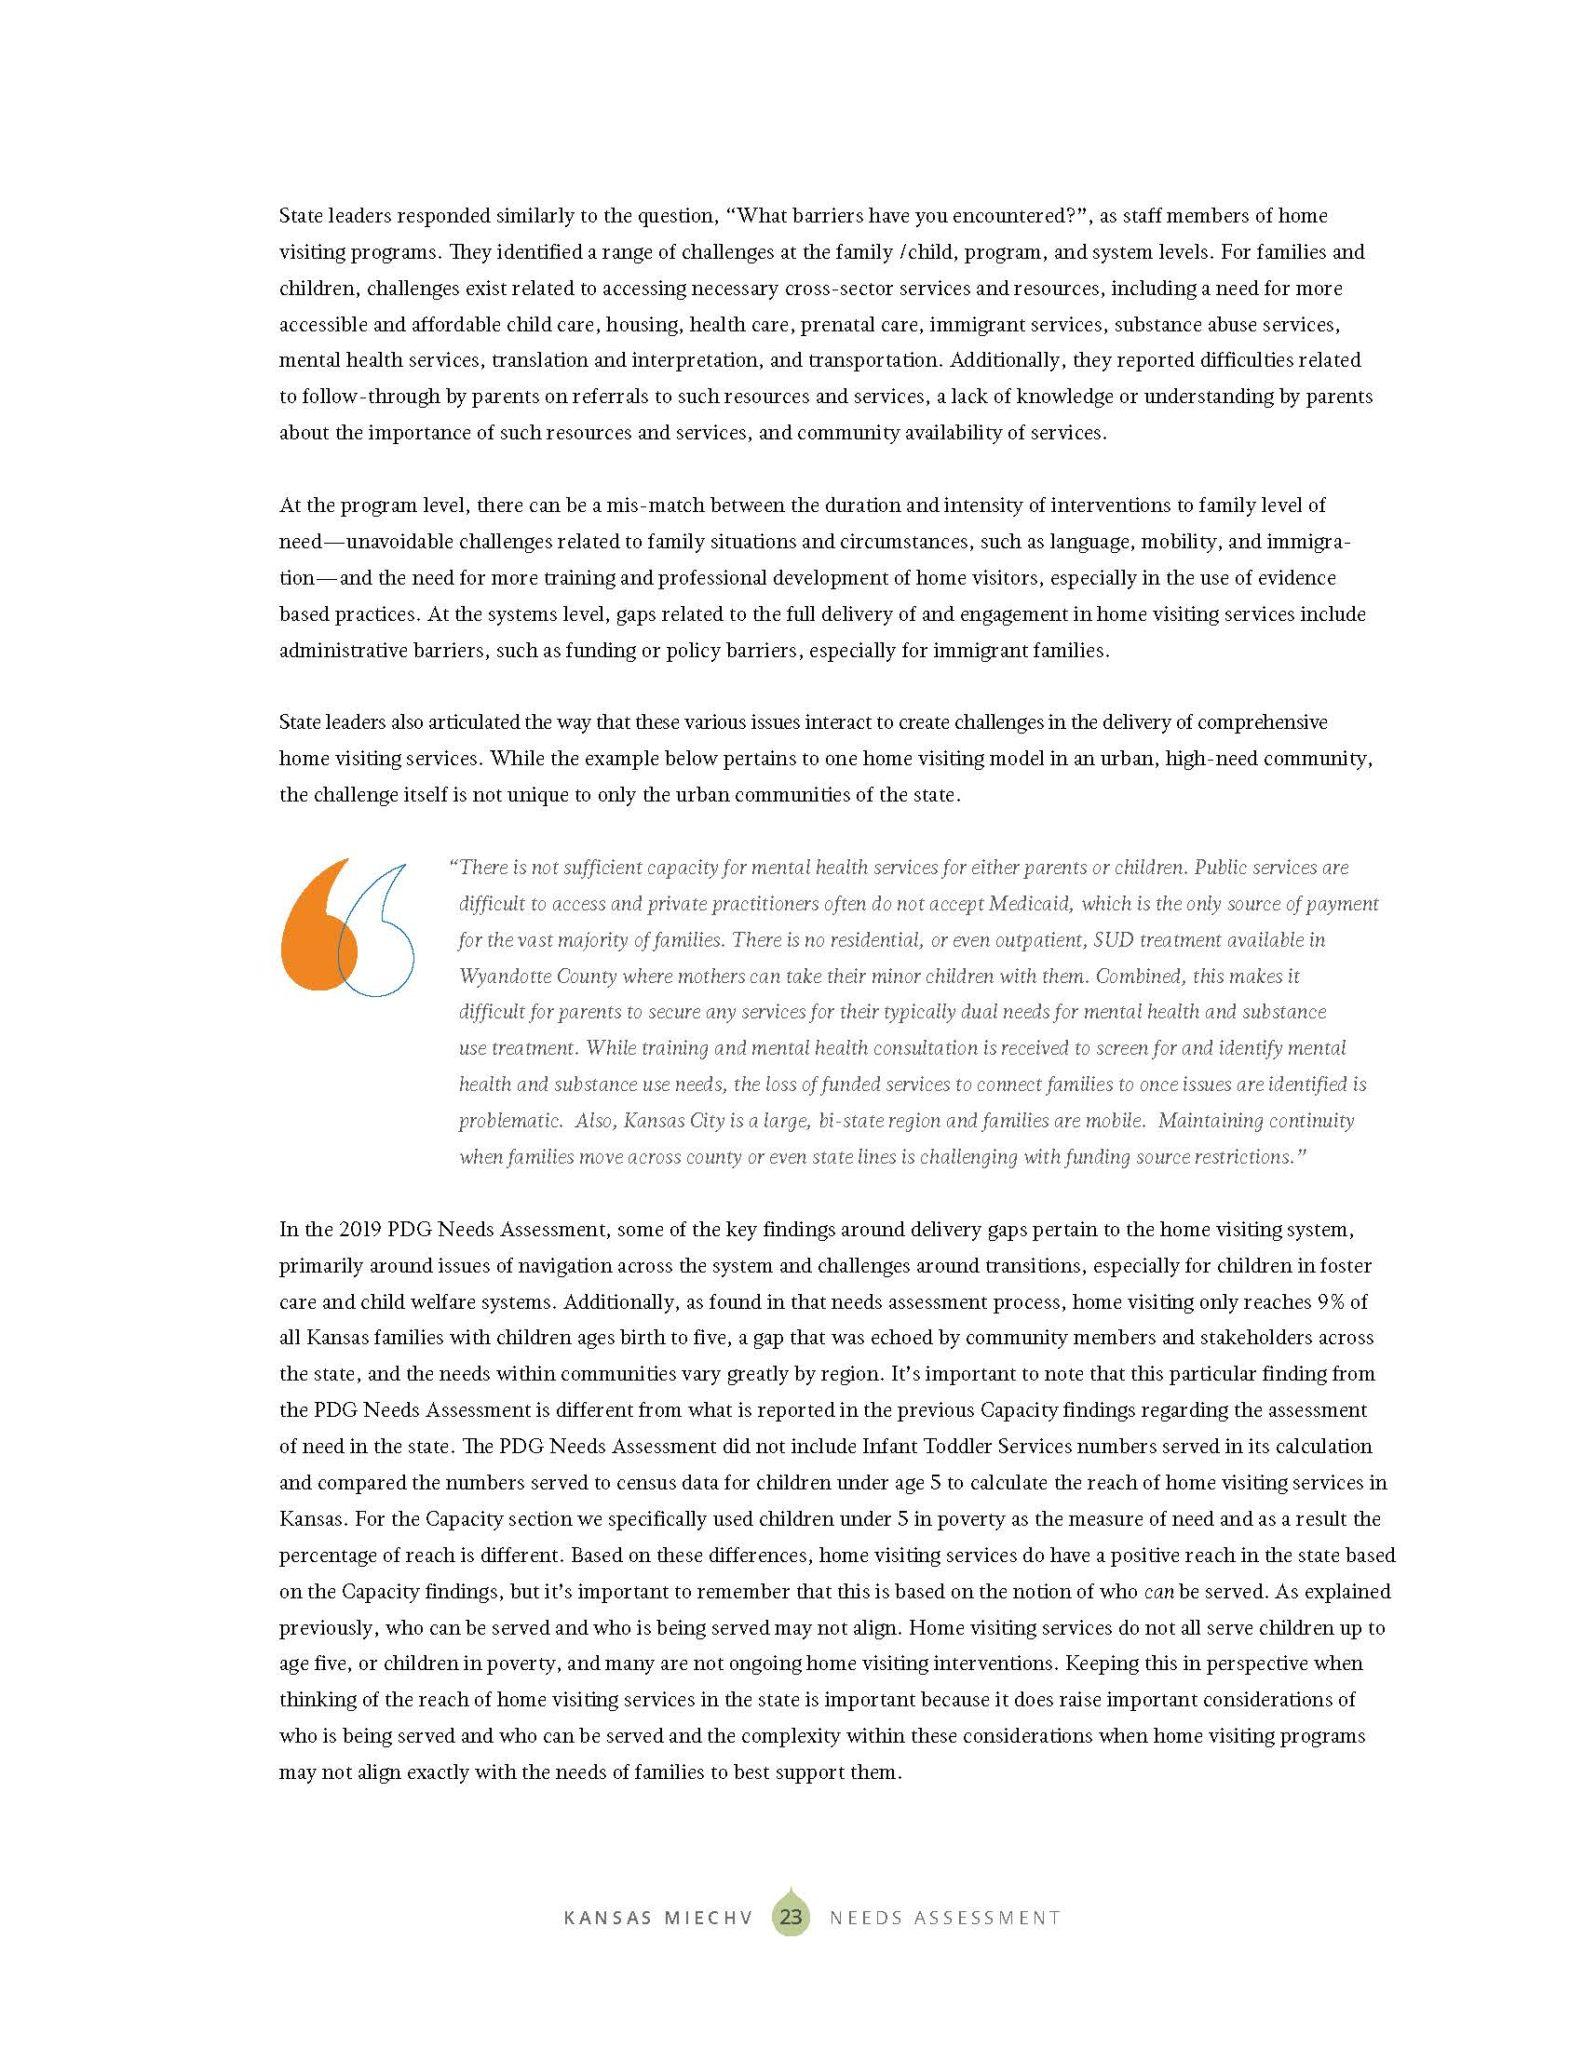 KS MIECHV 2020 Needs Assessment_DIGITAL_Page_031